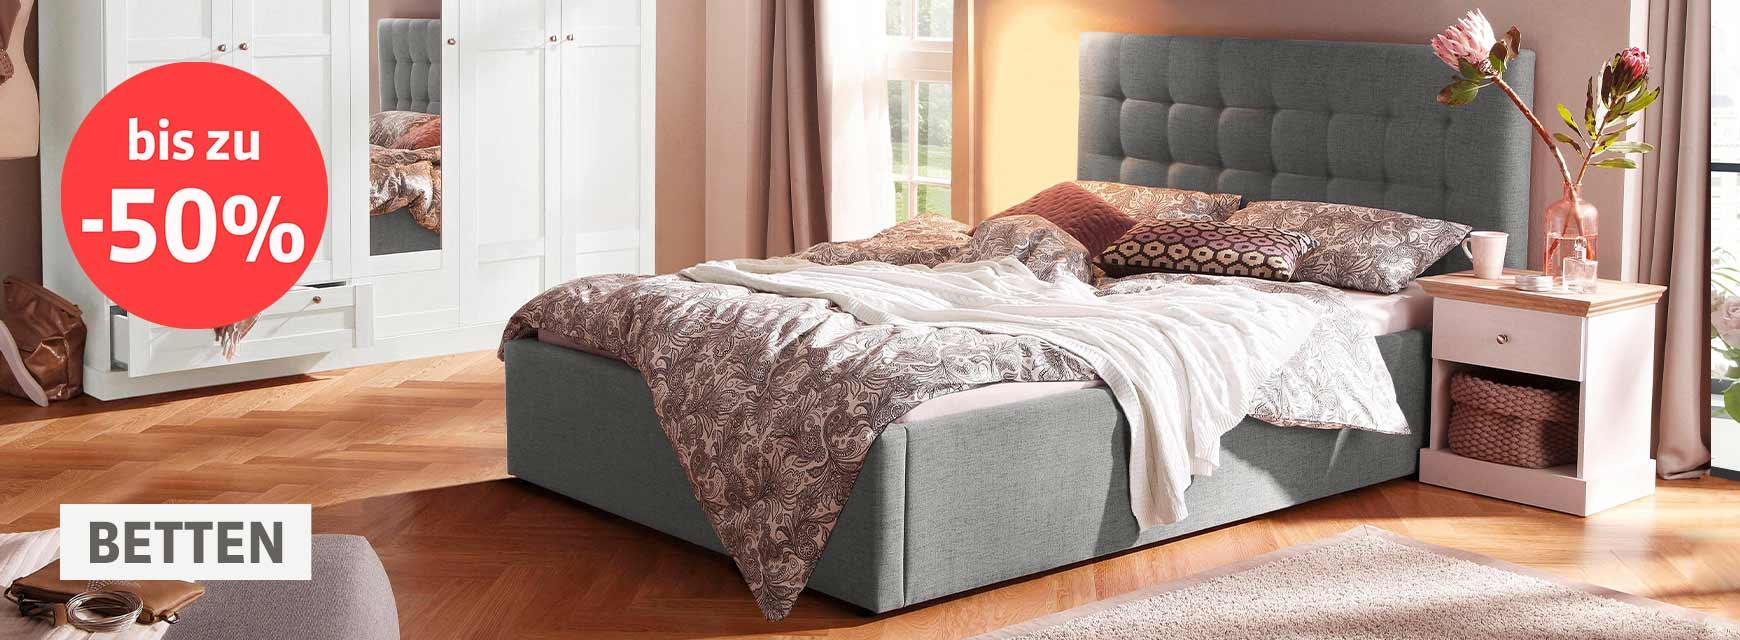 Full Size of Betten Online Kaufen Schlafen Sie Besser Schlafweltde Bett Betten.de